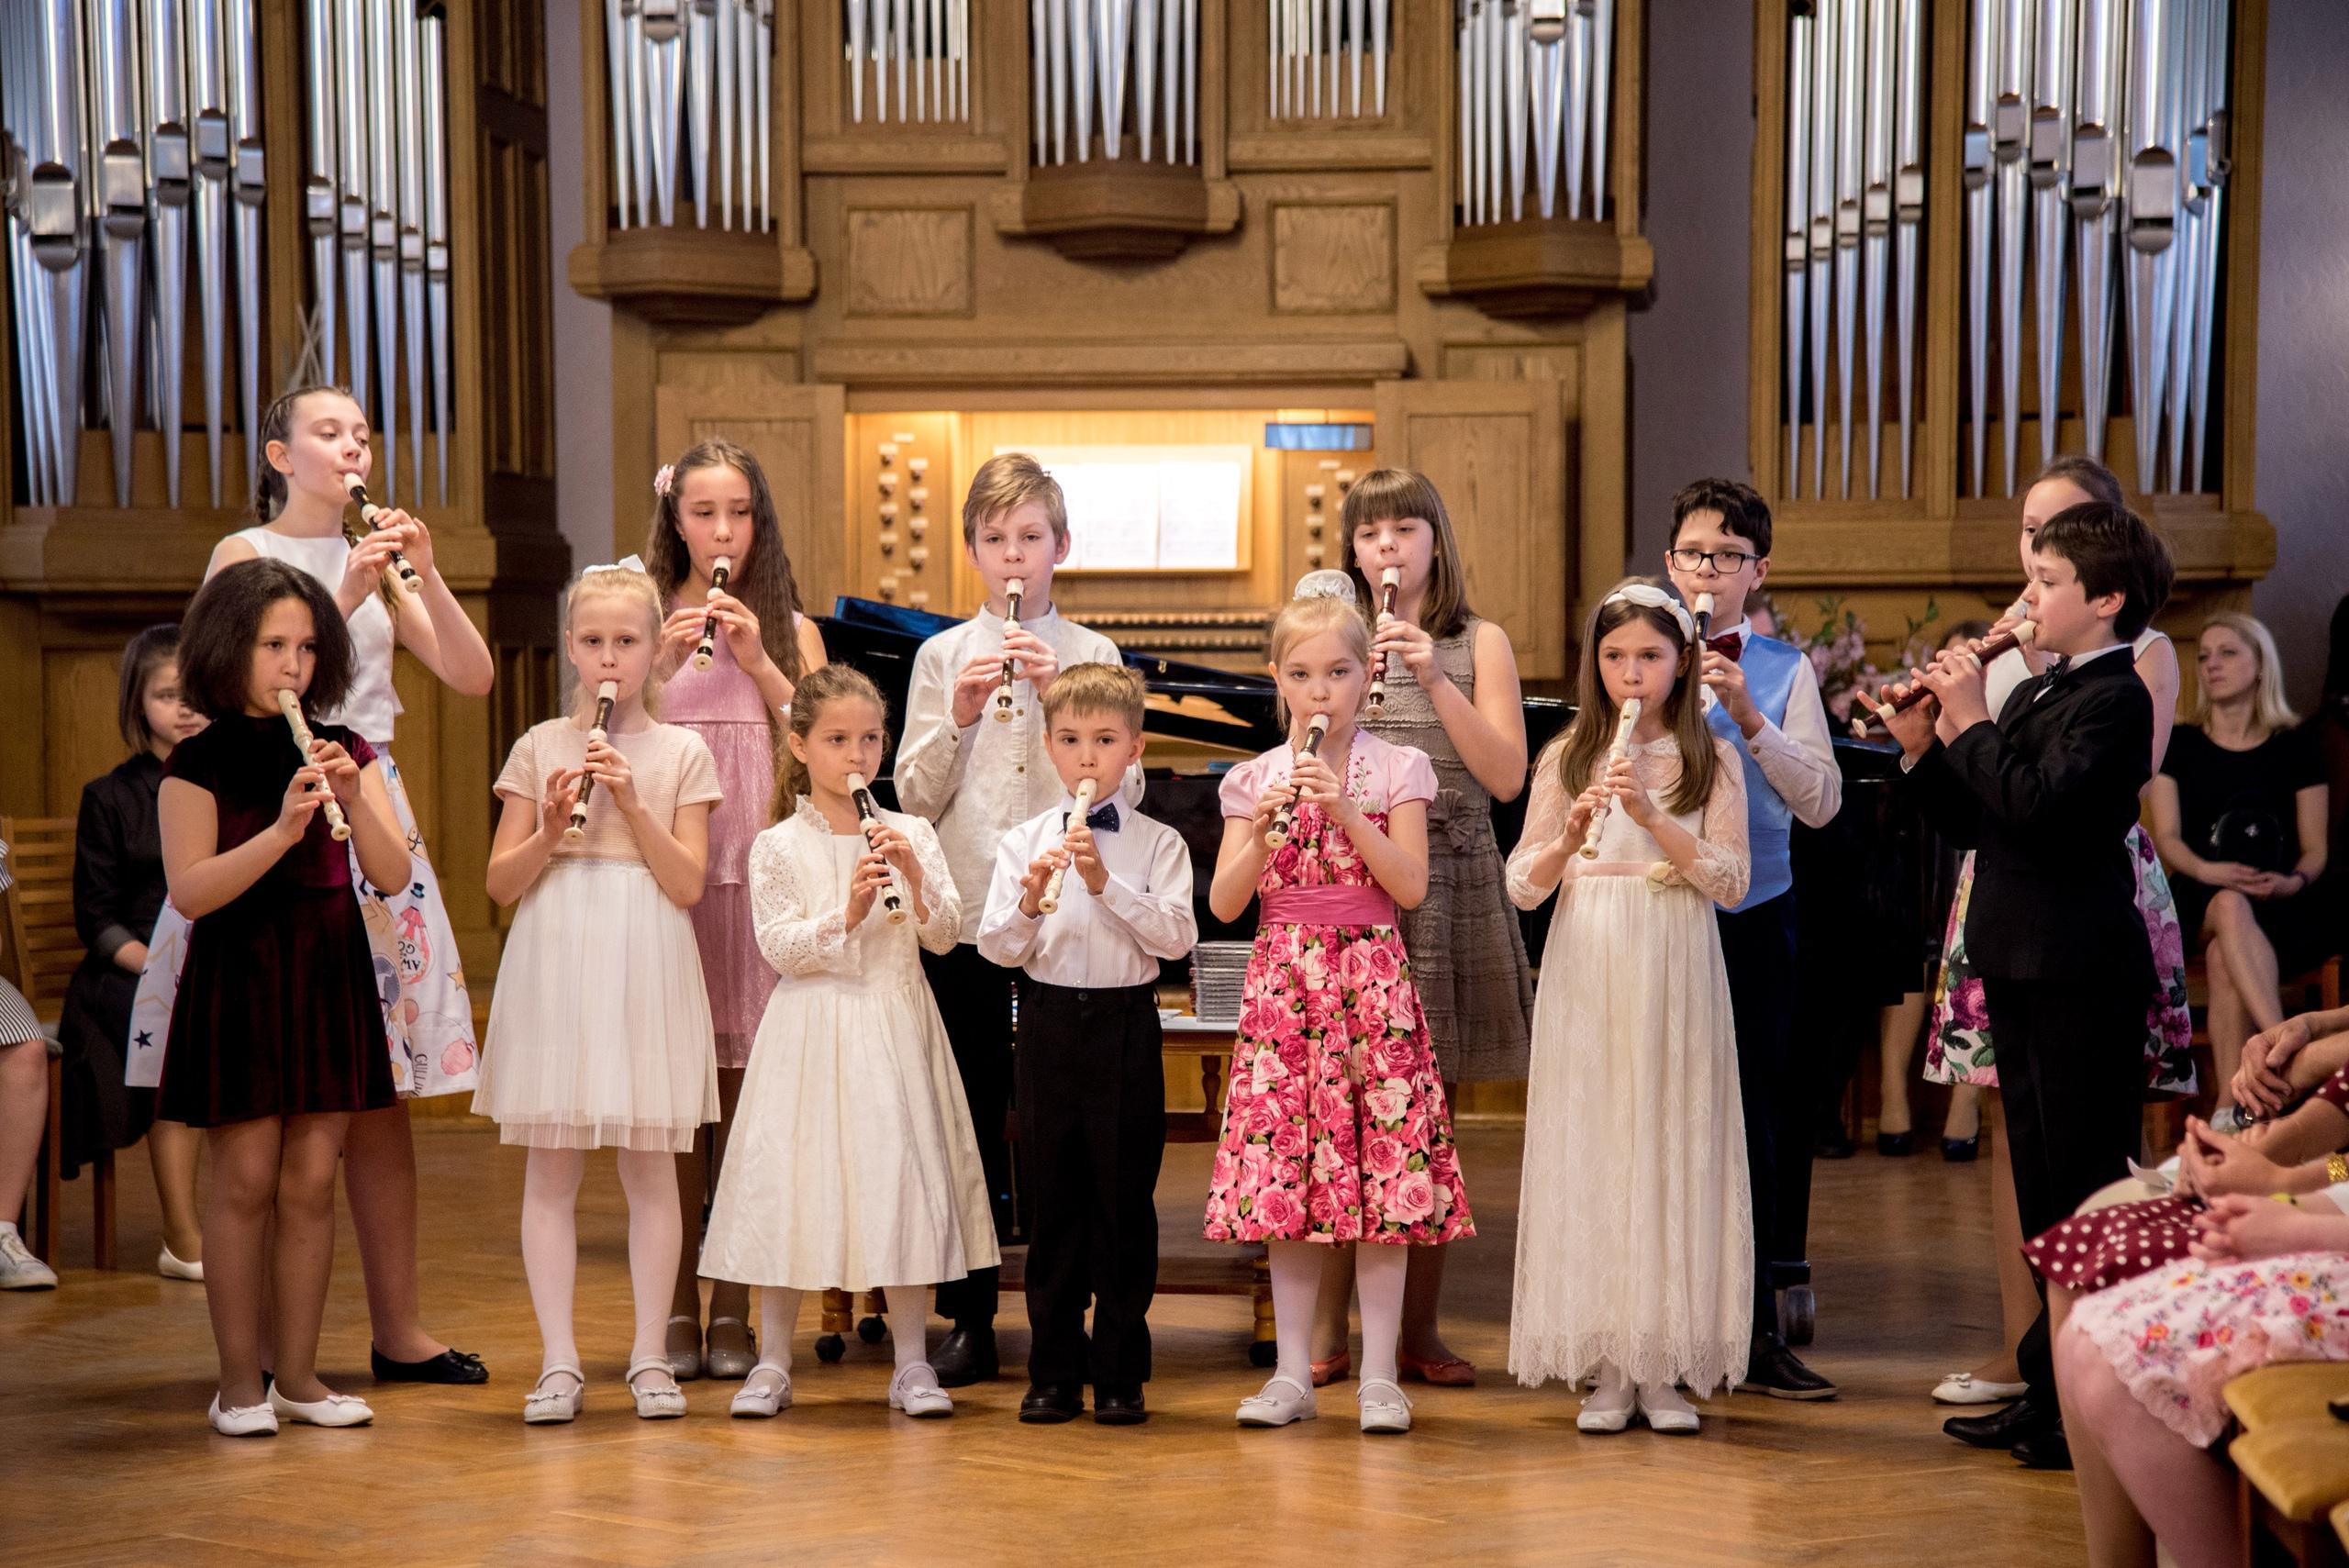 Фото: ГБУДО г. Москвы «Детская музыкальная хоровая школа «Весна» имени А.С. Пономарева»